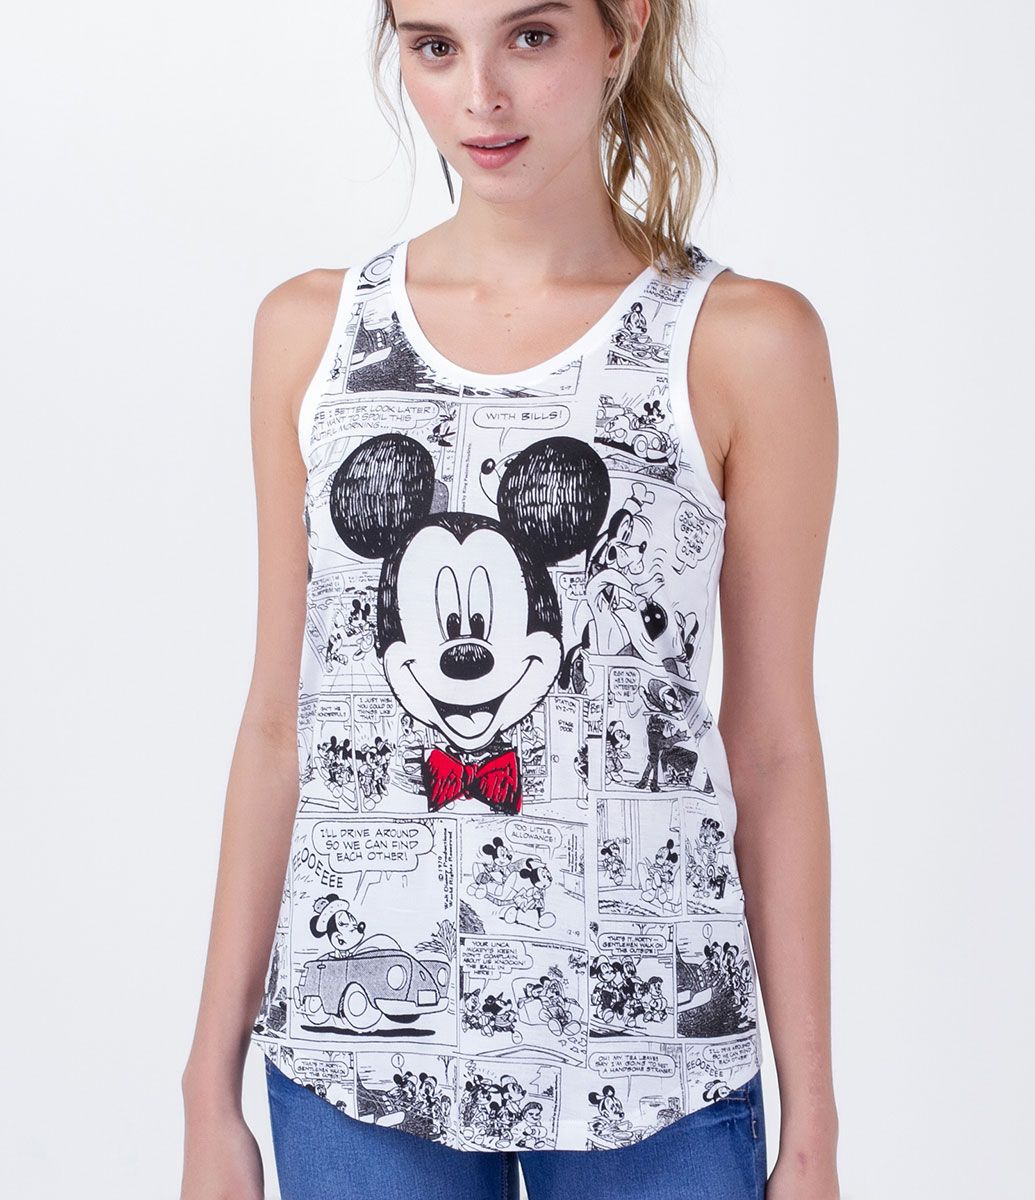 a60b429914 Regata feminina Gola redonda Com estampa do Mickey Marca  Disney Tecido   viscose Composição  100% viscose Modelo veste tamanho  P COLEÇÃO VERÃO 2016  Veja ...